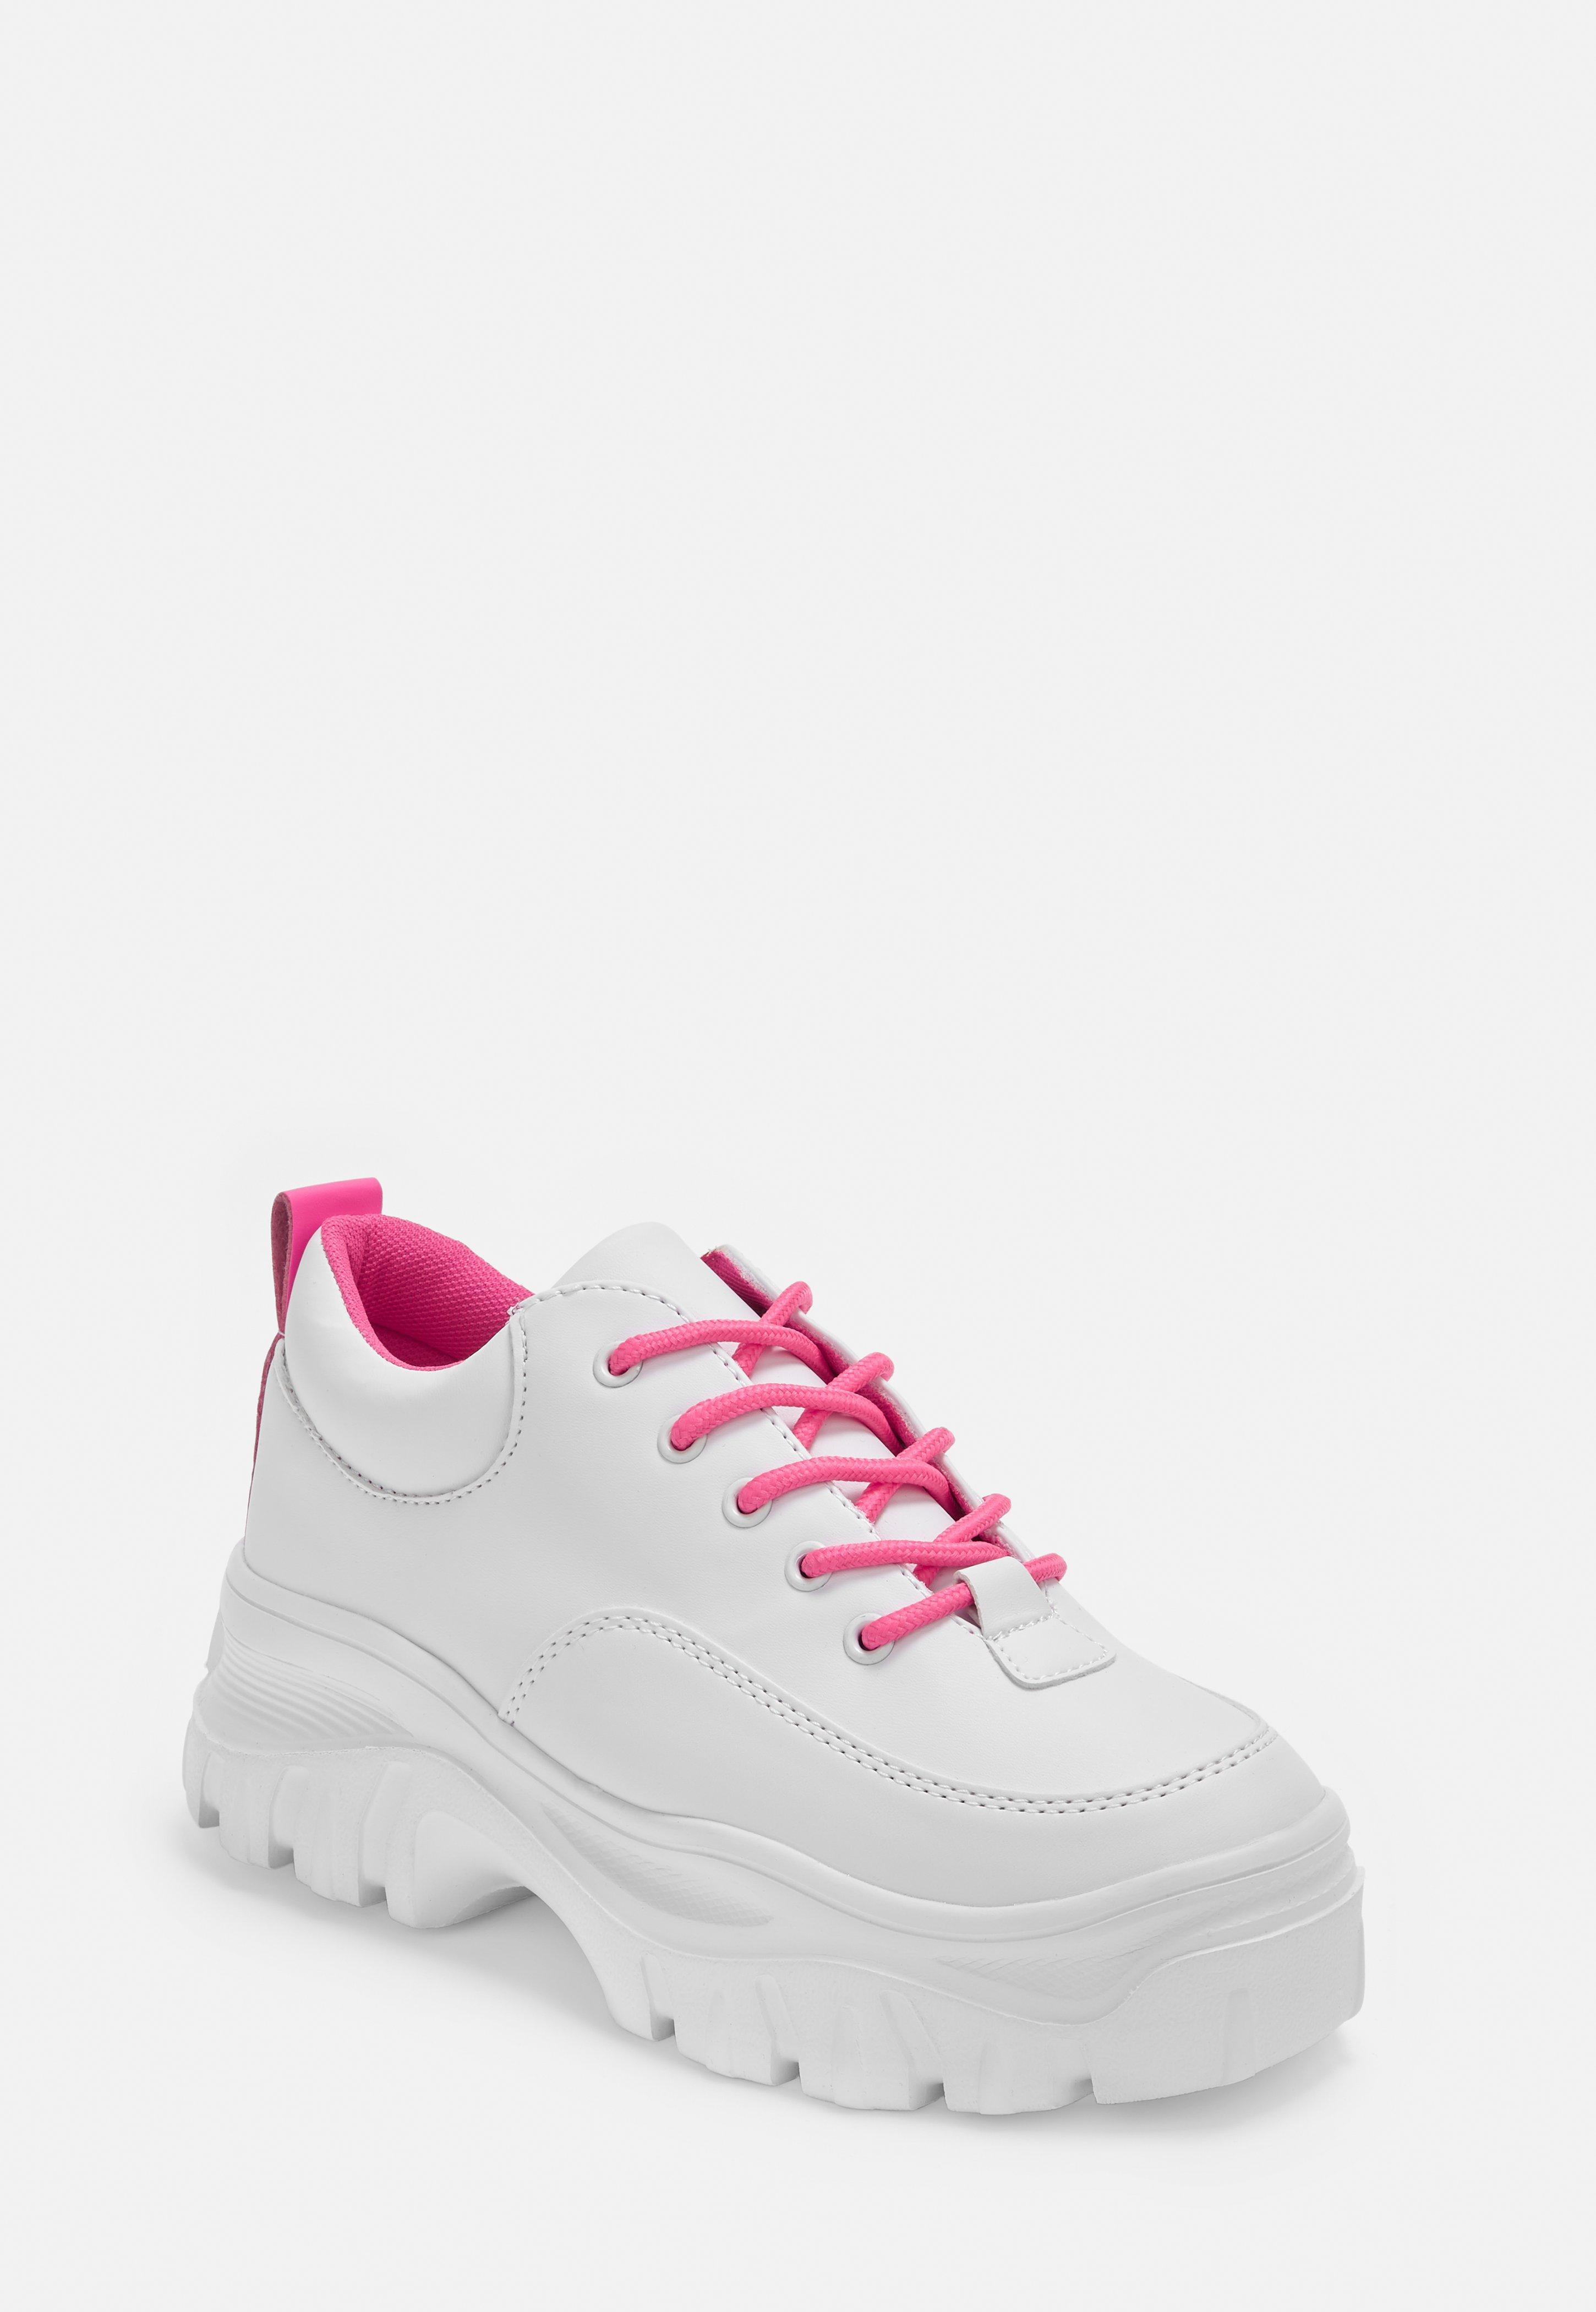 66d99c538bf6 Shoes